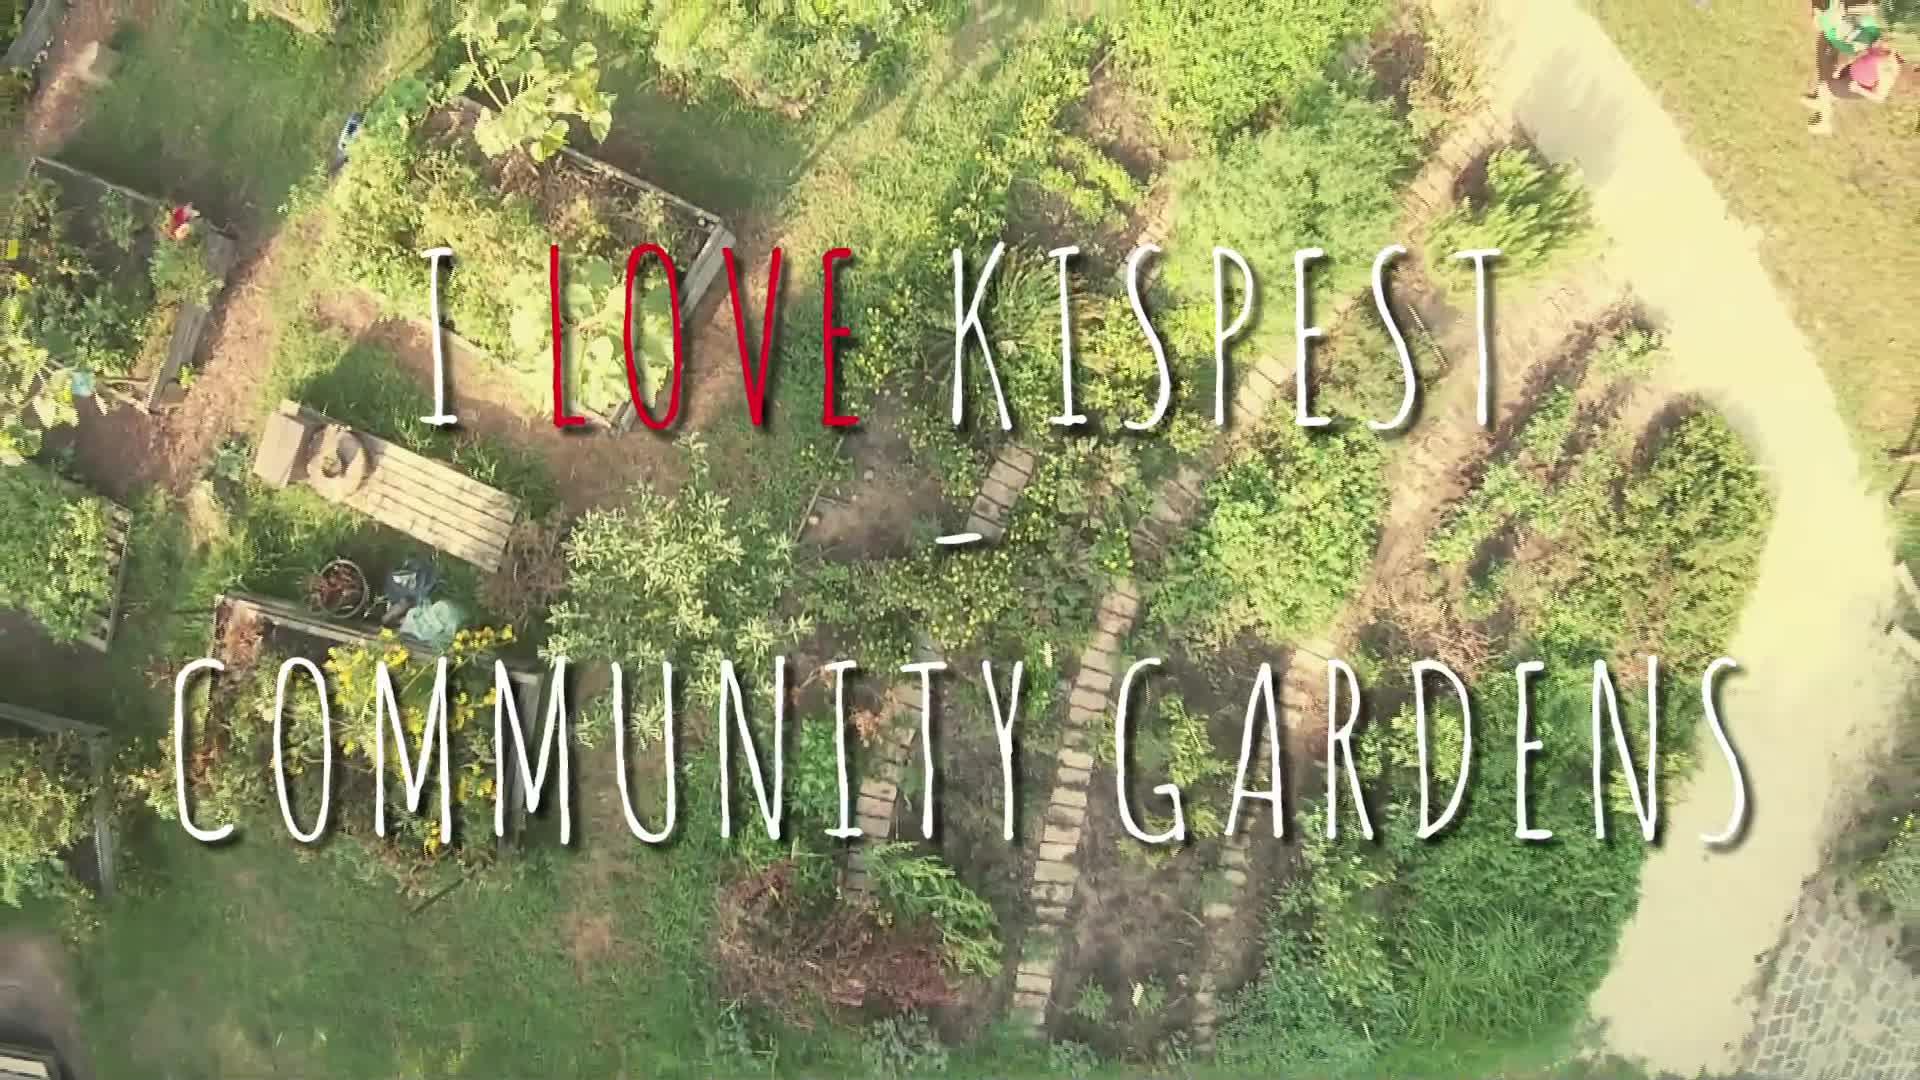 i_love_kispest.jpg